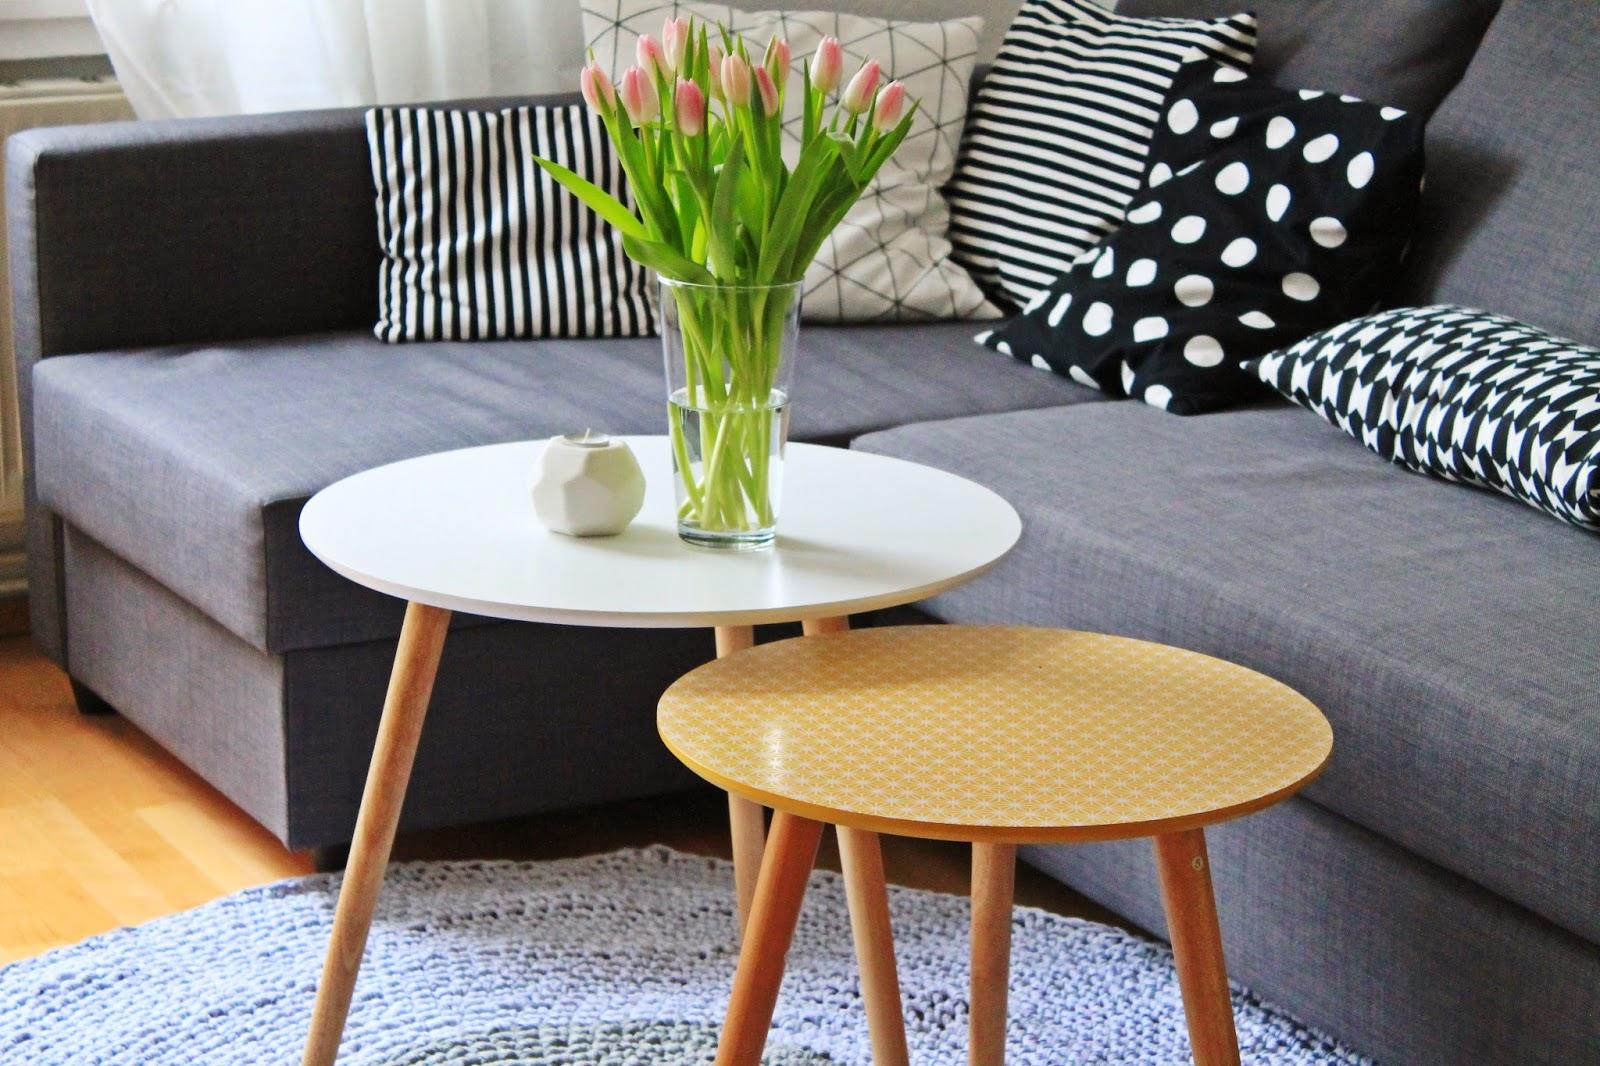 gesak Ein Teppich für das Wohnzimmer [DI